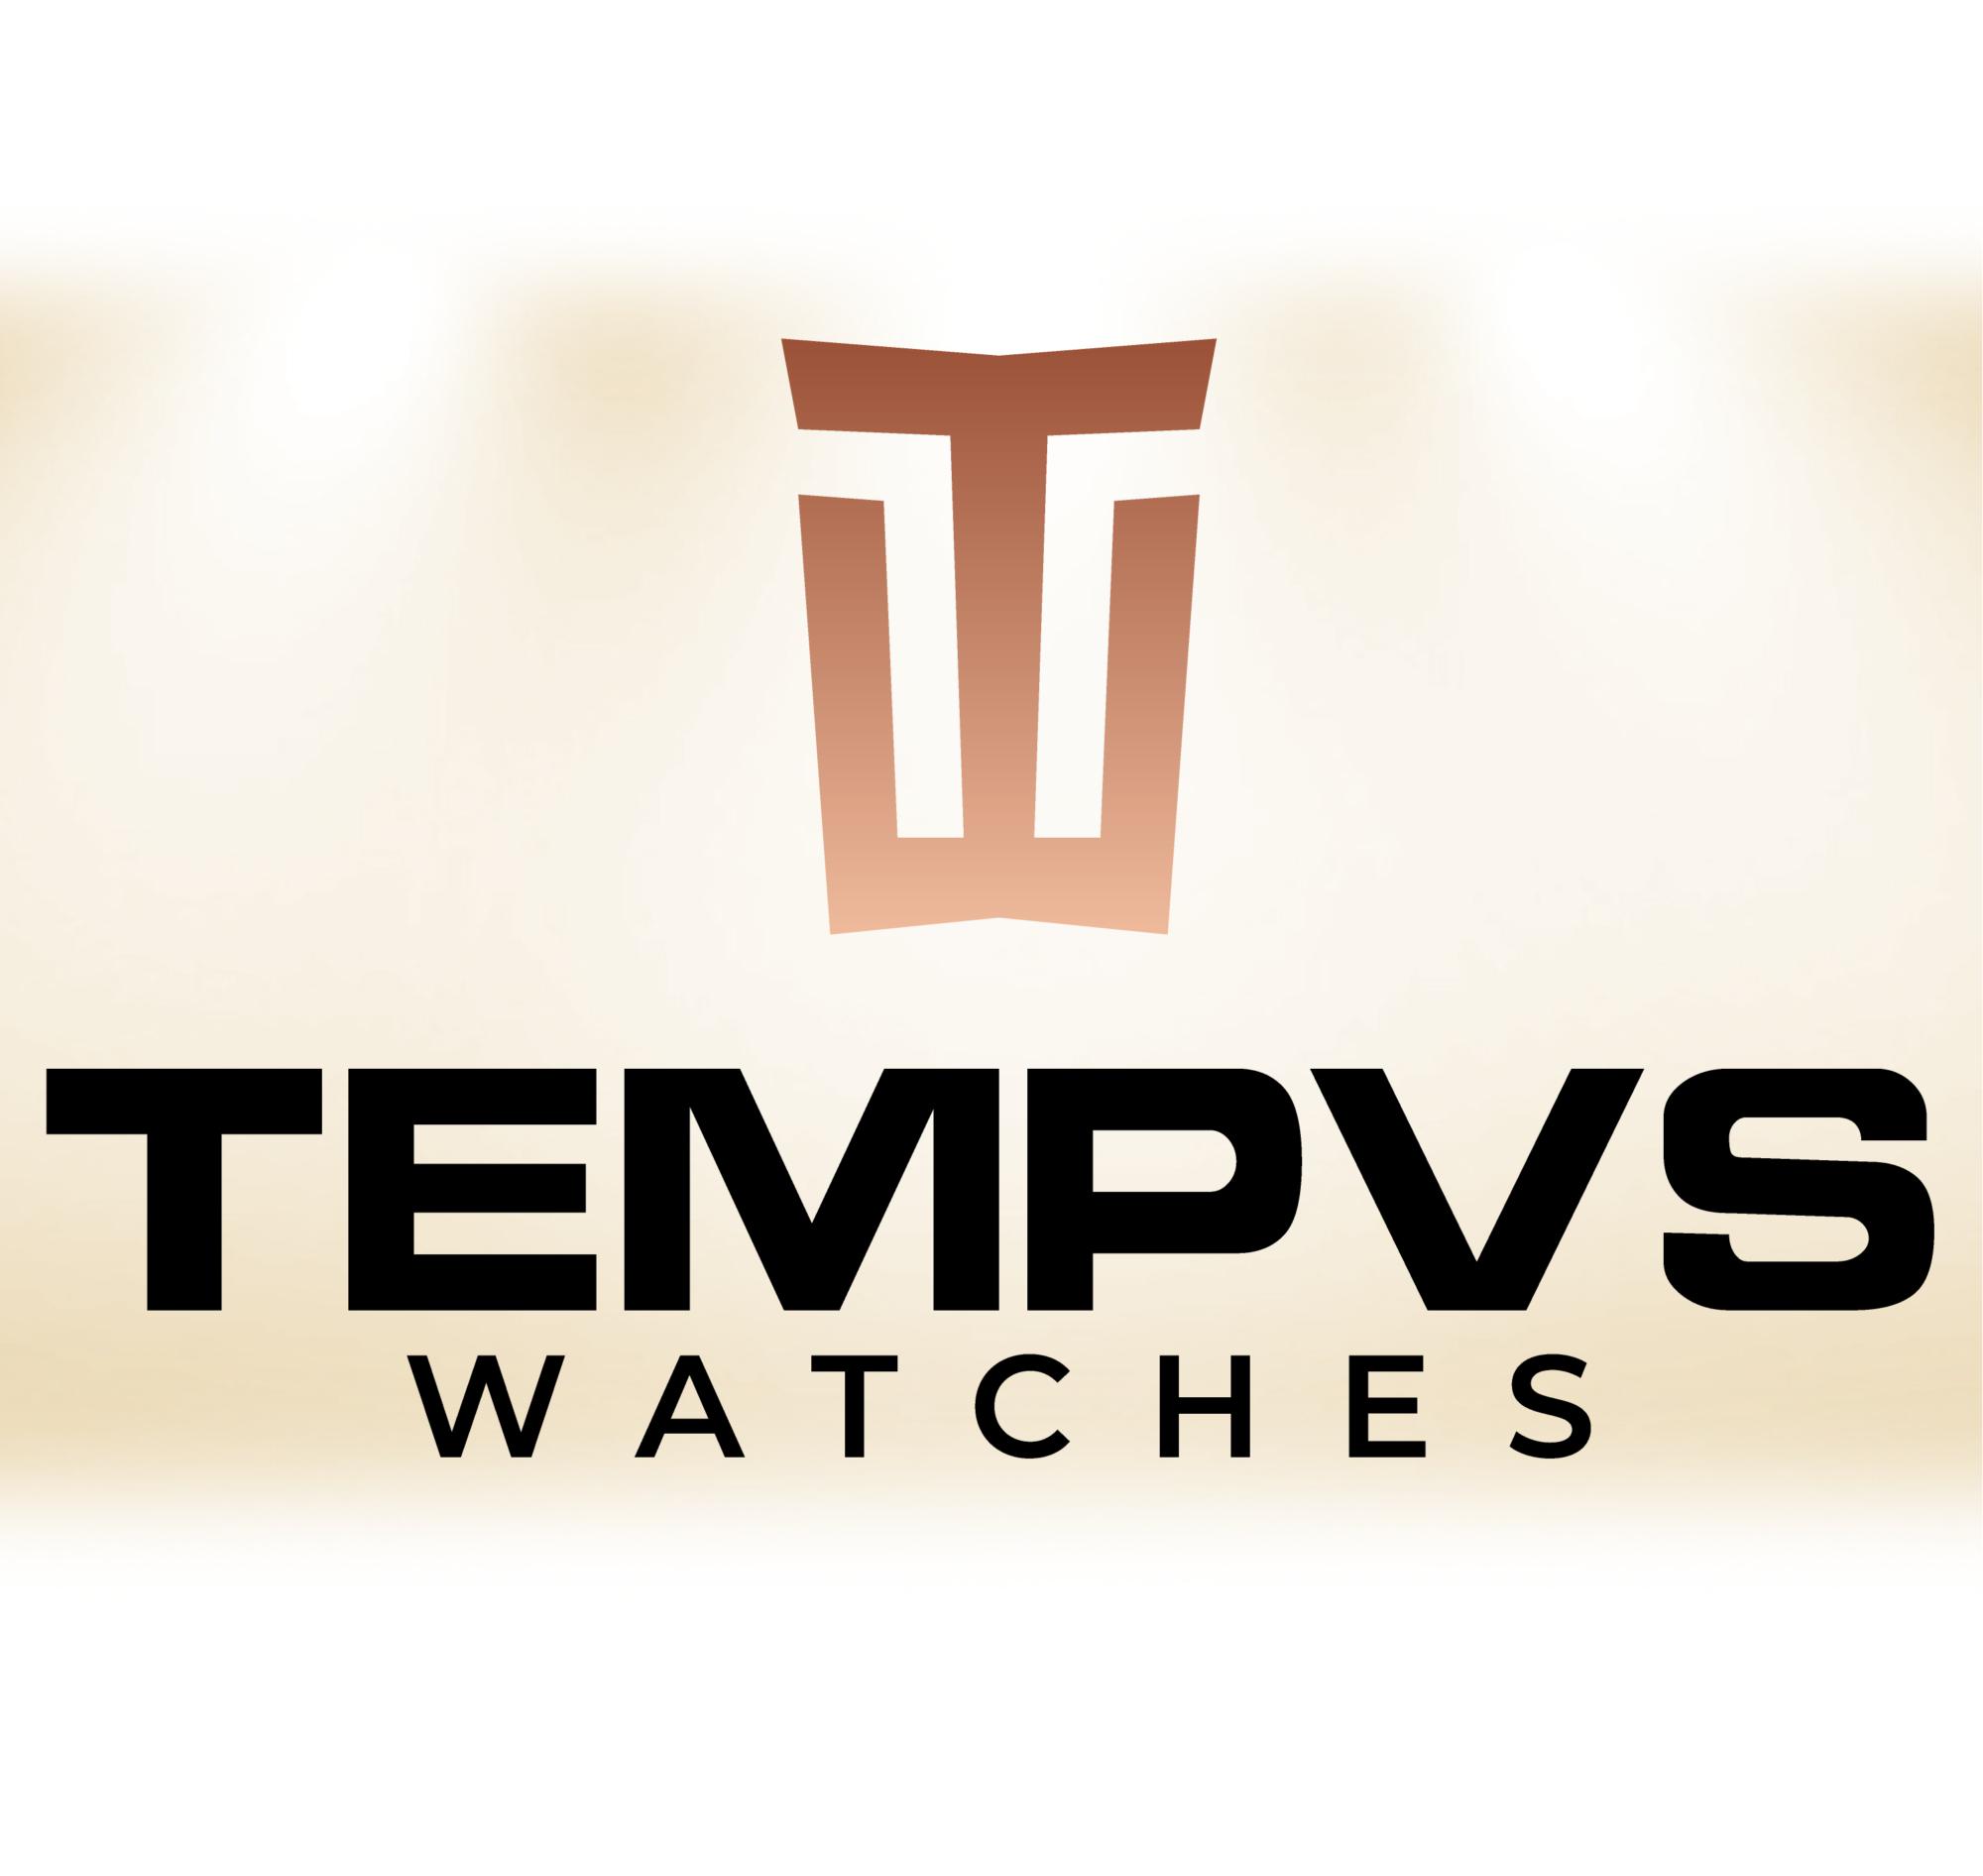 Tempvs Watches - MondaniWeb